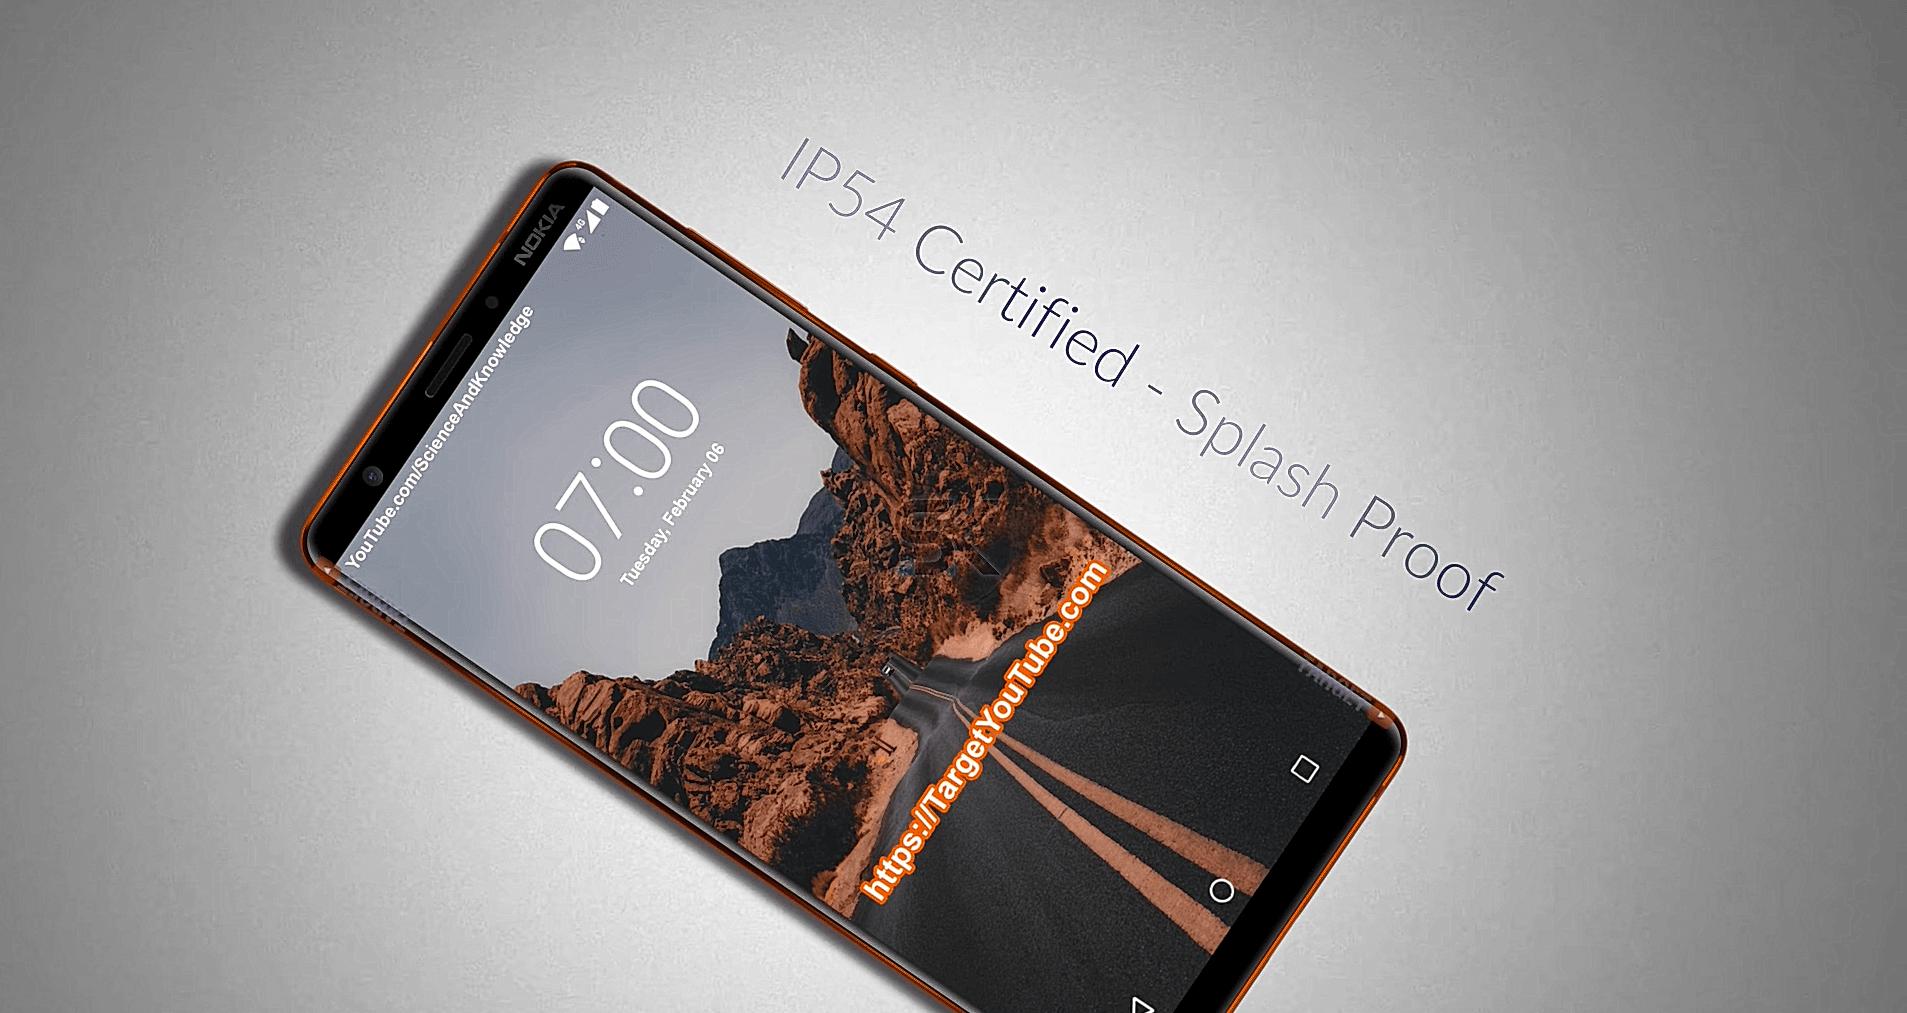 Nokia 7 Plus - jeśli tak będzie wyglądać, to dni mojego Redmi Note 4 są policzone 24